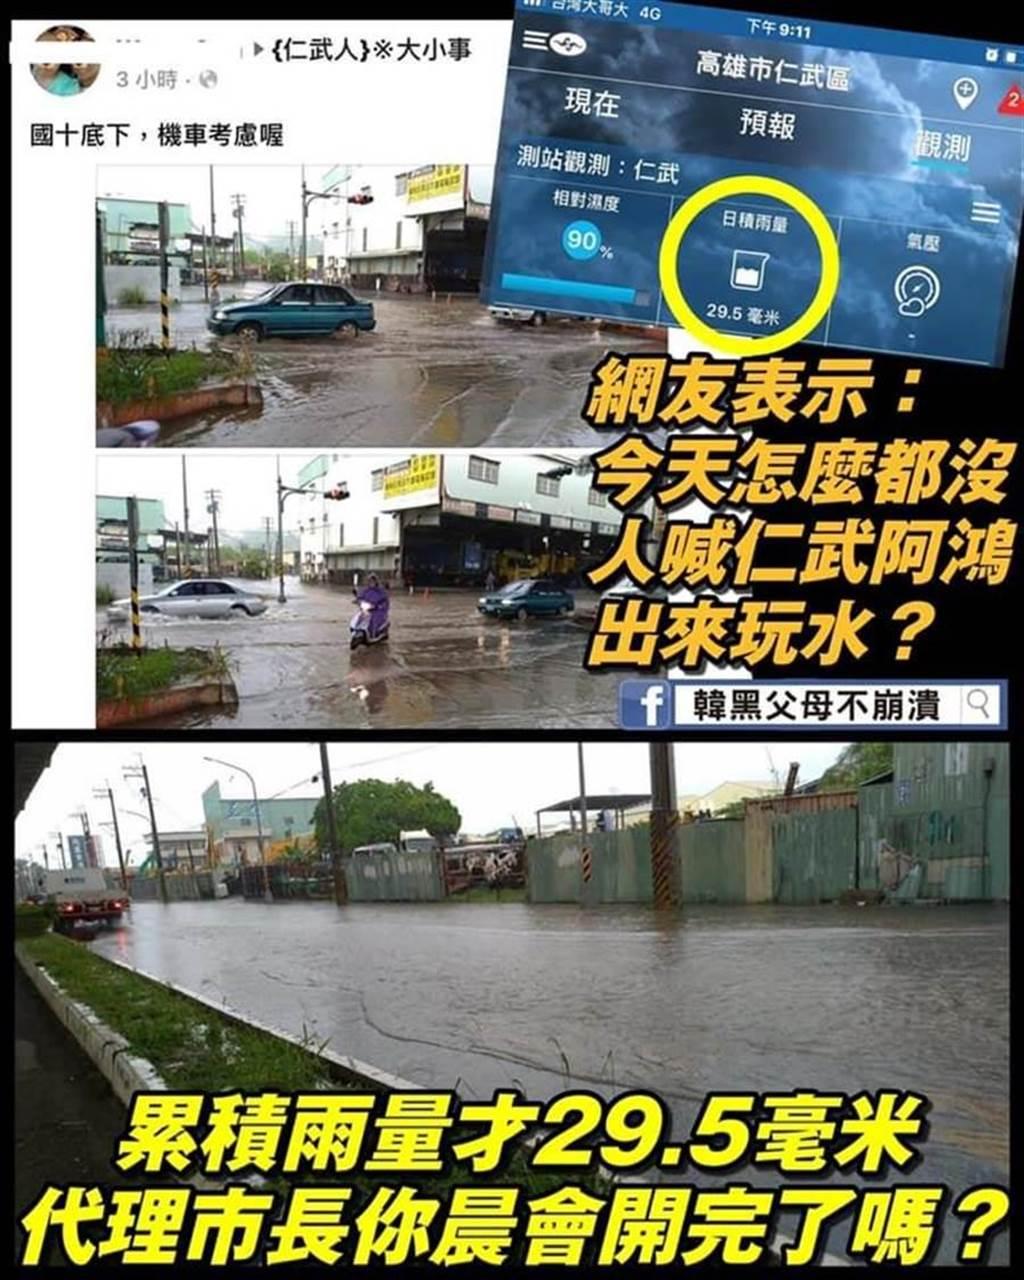 臉書粉專「韓黑父母不崩潰」貼出高雄仁武地區積淹水狀況,酸「代理市長晨會開完了嗎?」(翻攝自臉書)